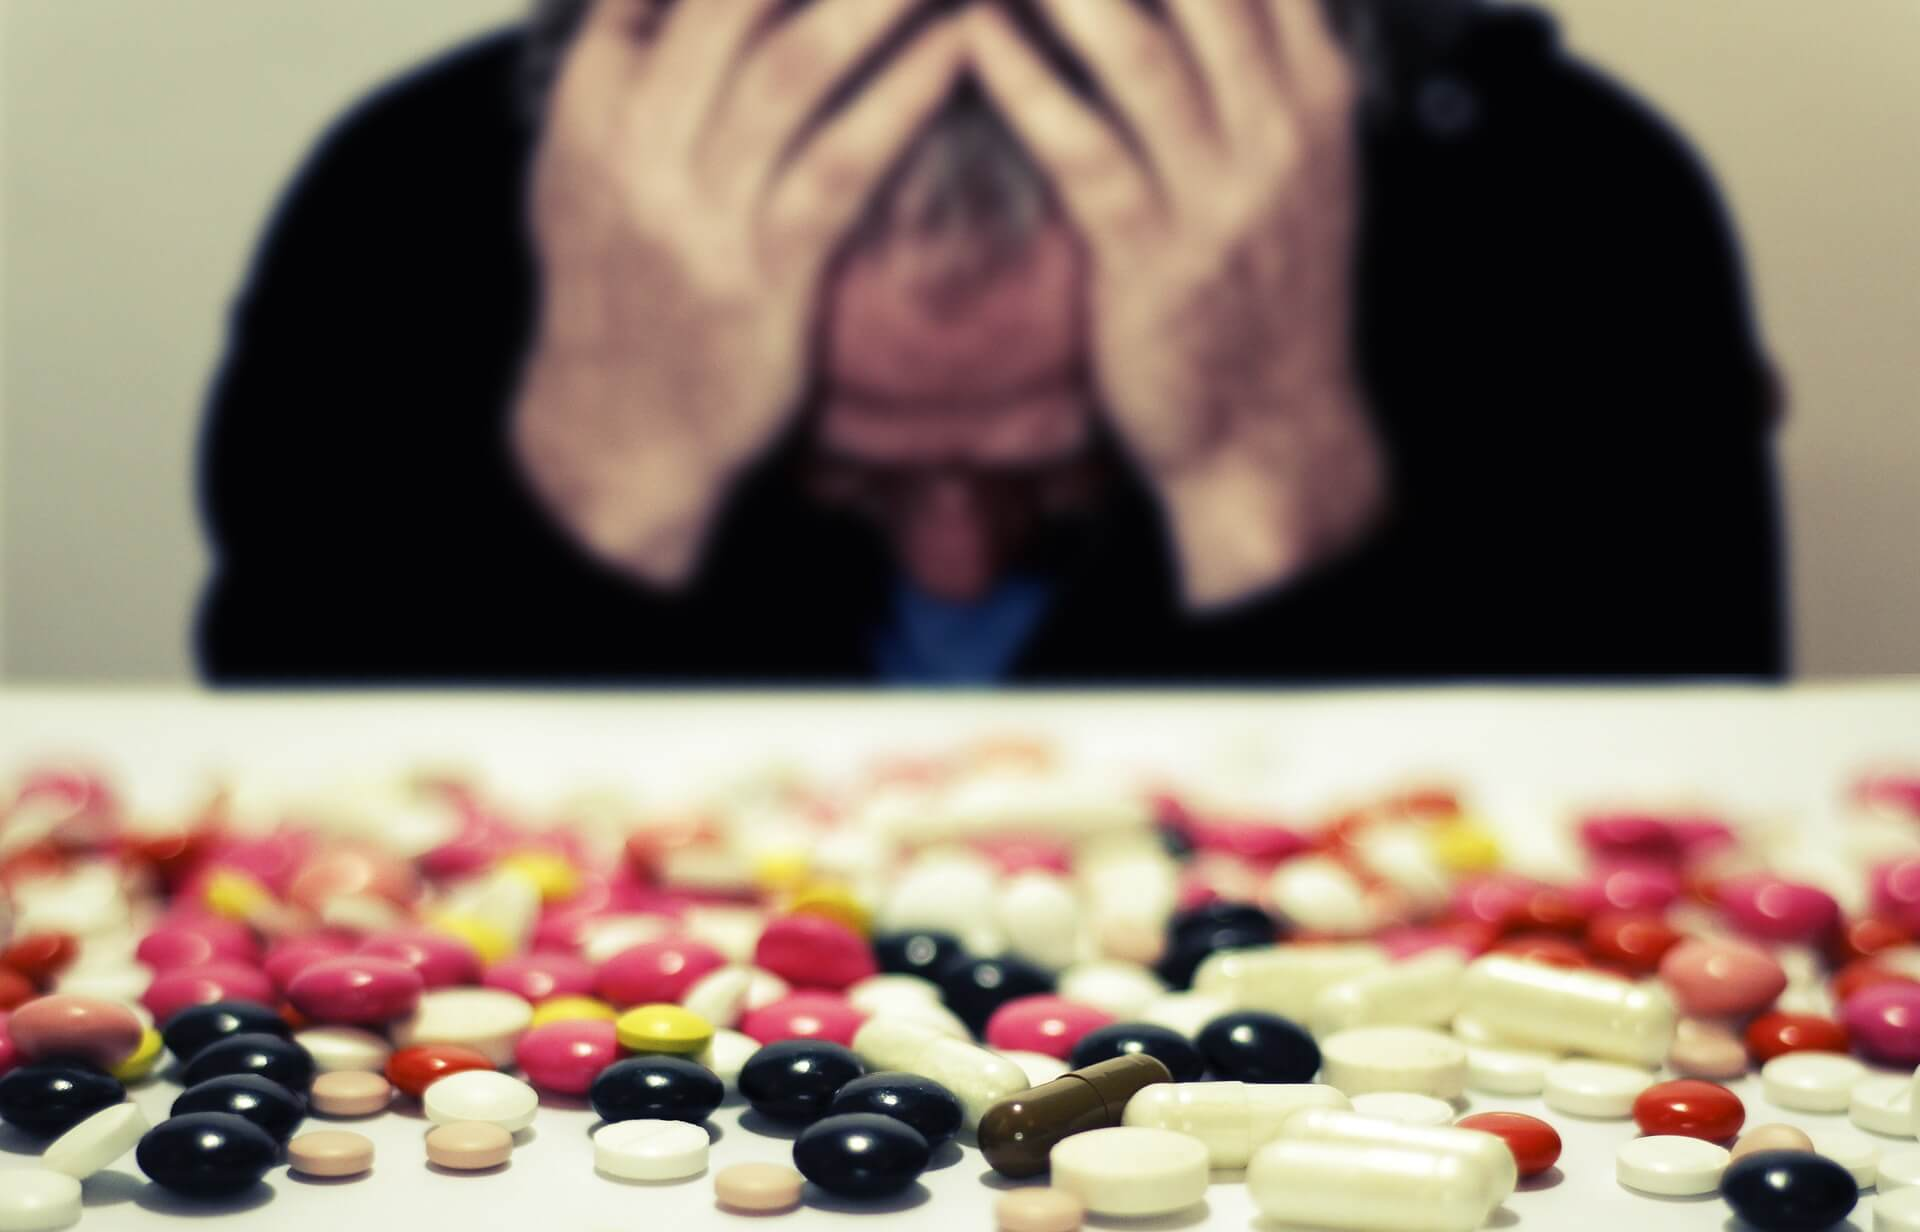 Choroba psychiczna w mentalności społecznej